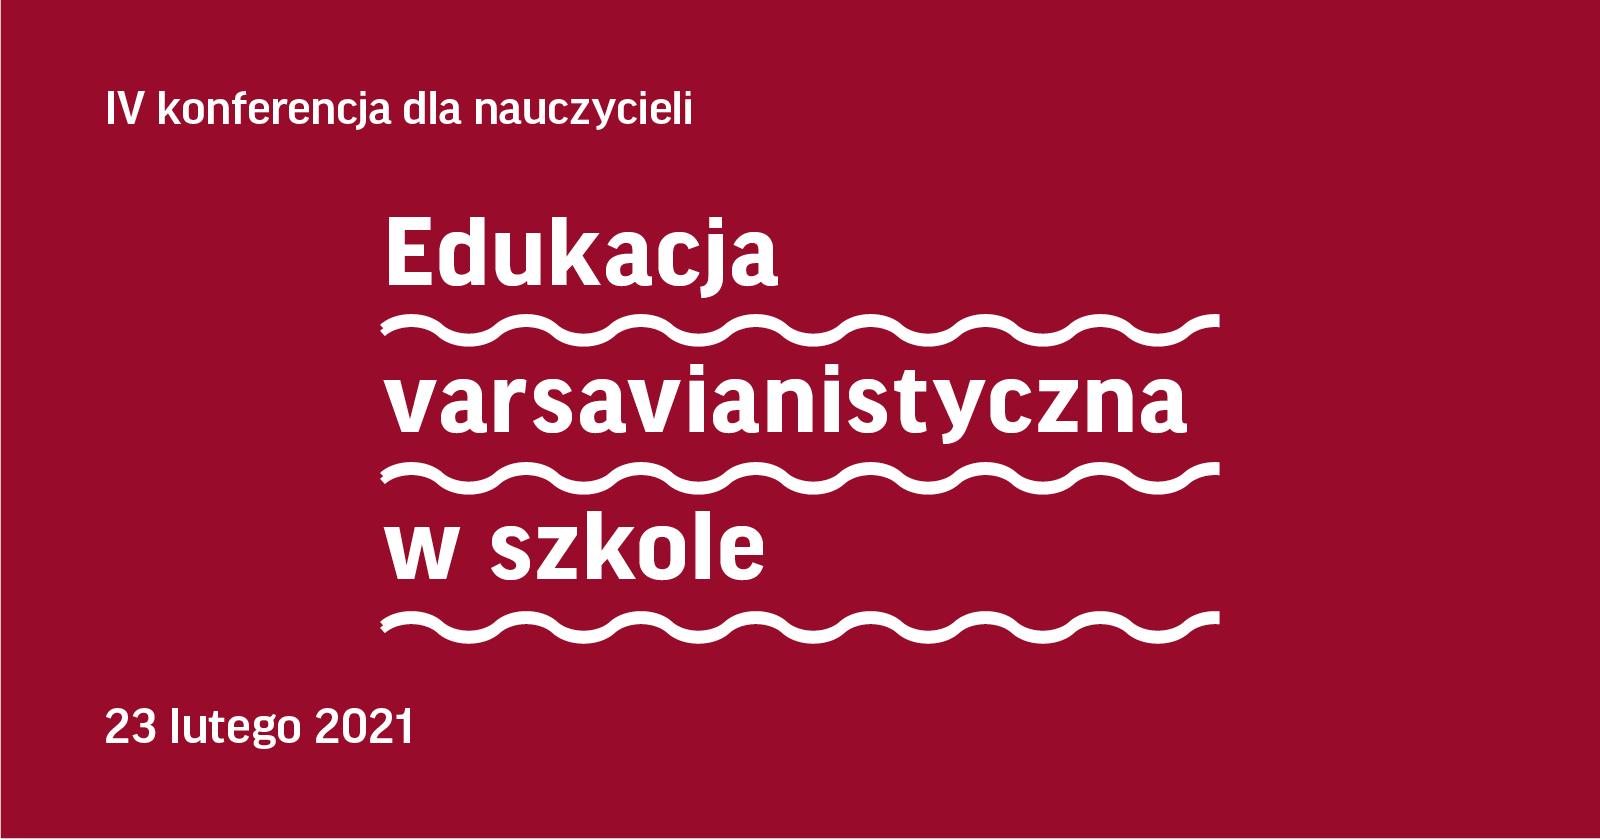 Edukacja varsavianistyczna wszkole. IV konferencja dla nauczycieli